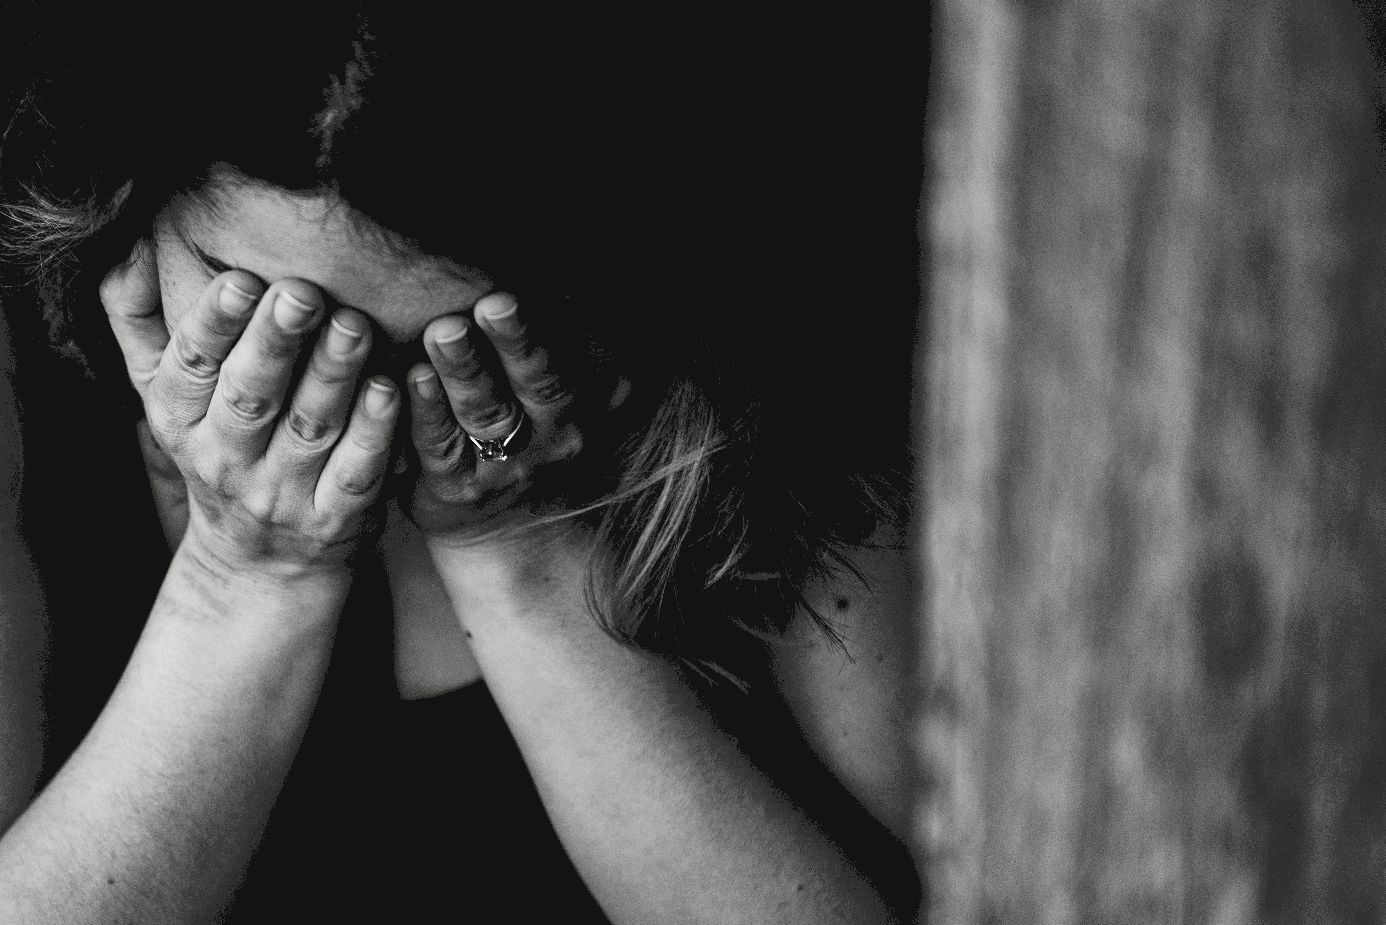 Frau legt verzweifelt ihren Kopf in die offenen Hände